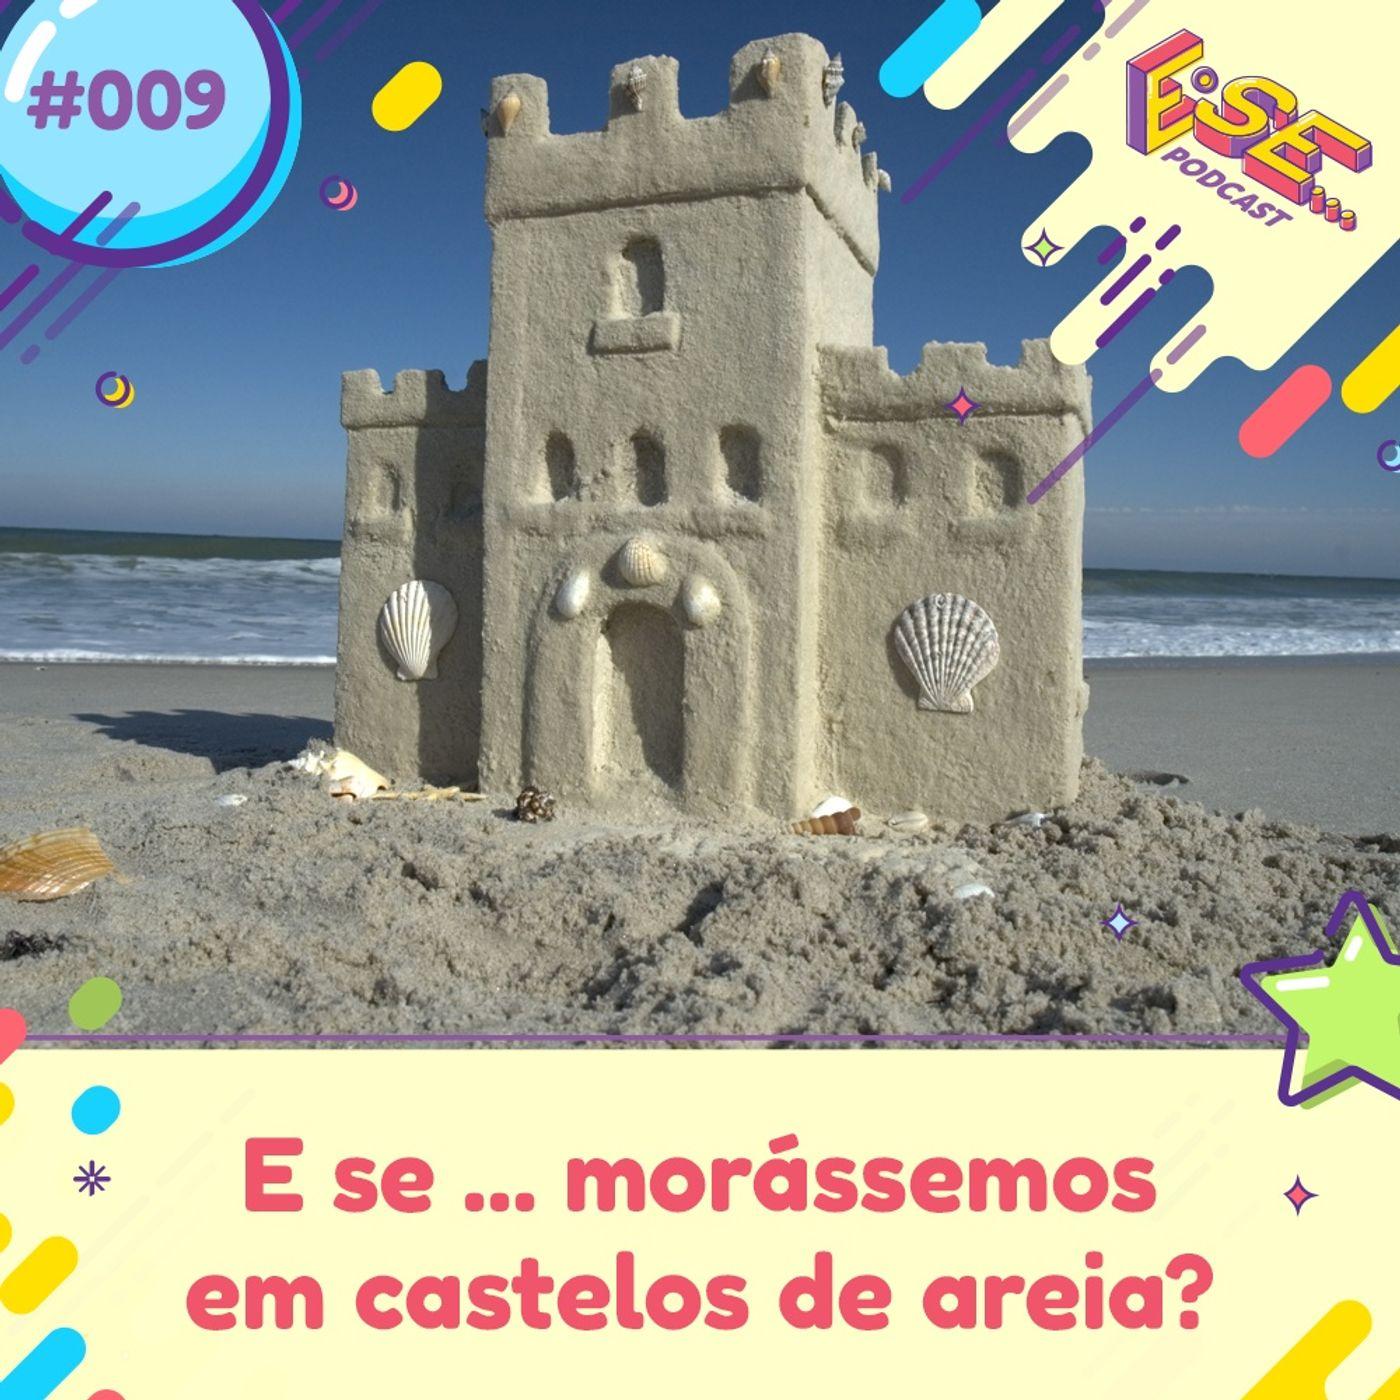 E se... podcast #09 - E se ... morássemos em castelos de areia?